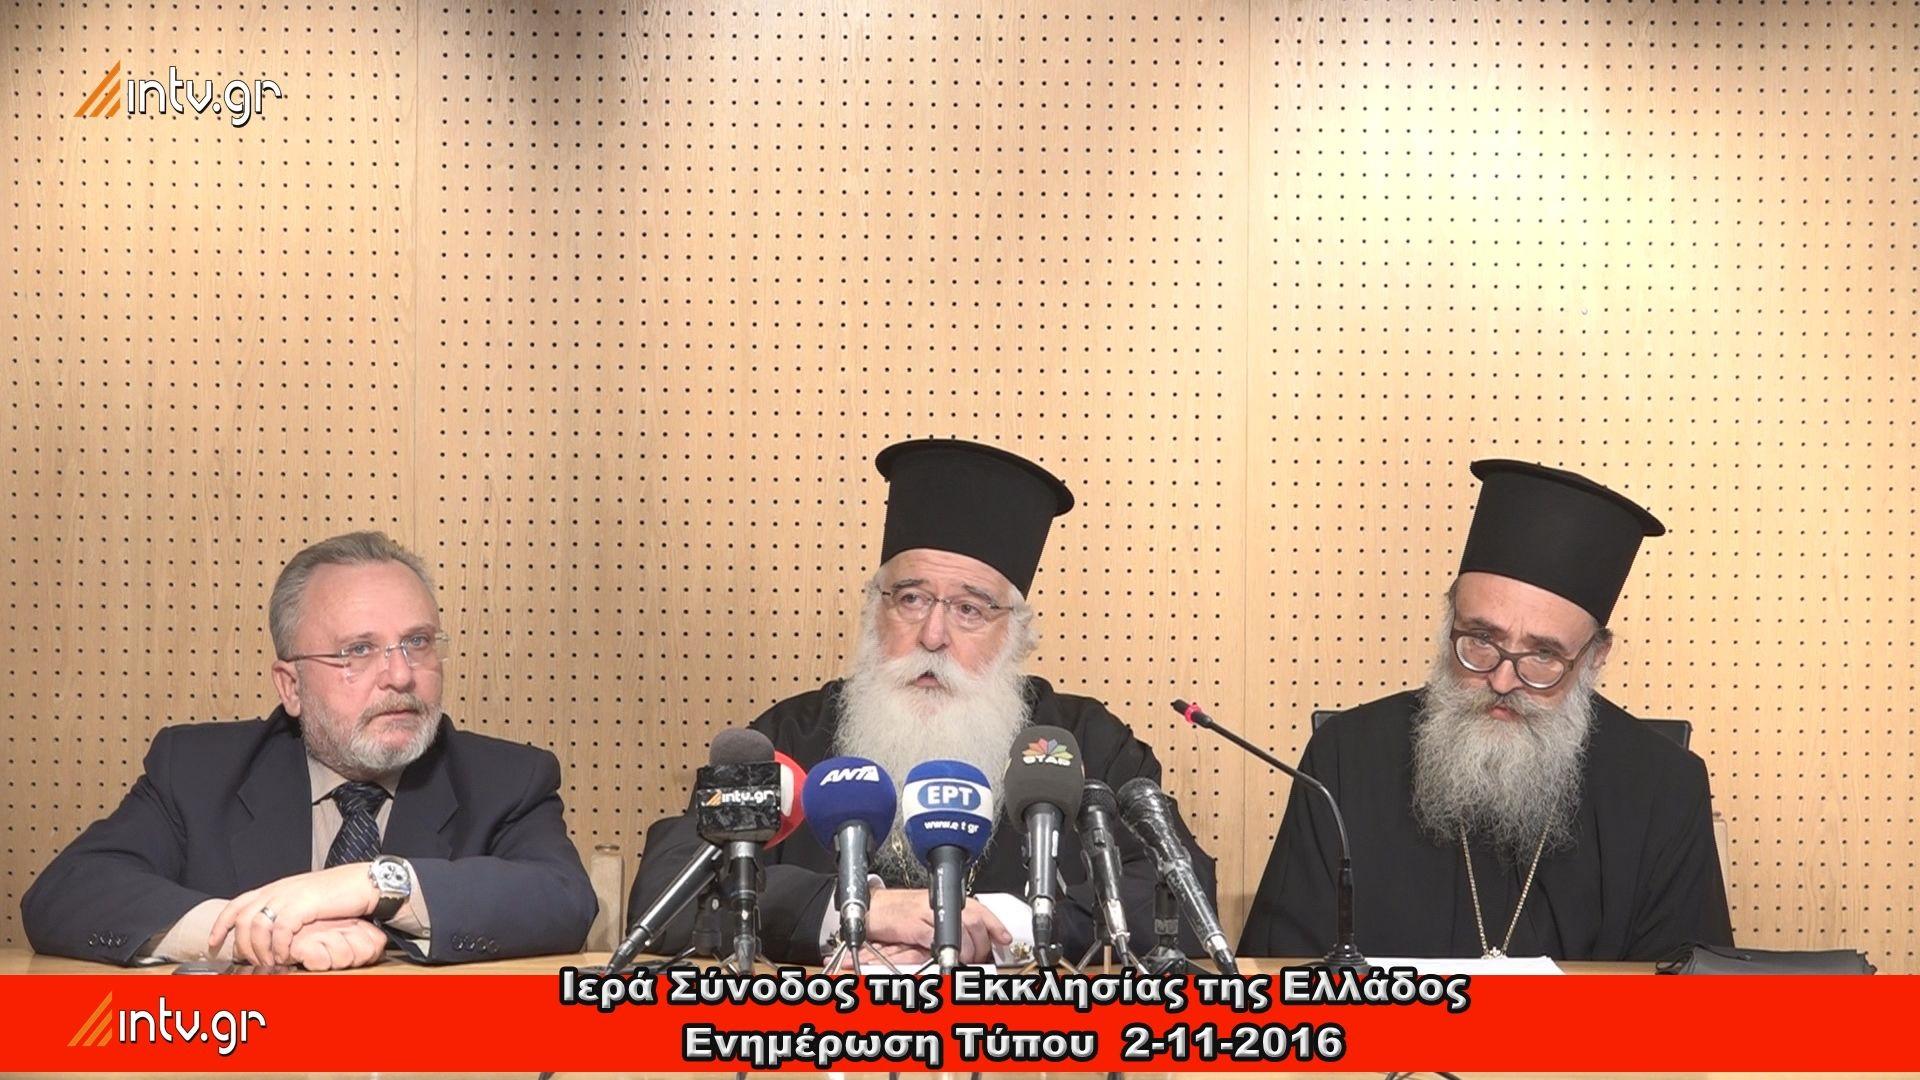 Ιερά Σύνοδος της Εκκλησίας της Ελλάδος - Ενημέρωση τύπου